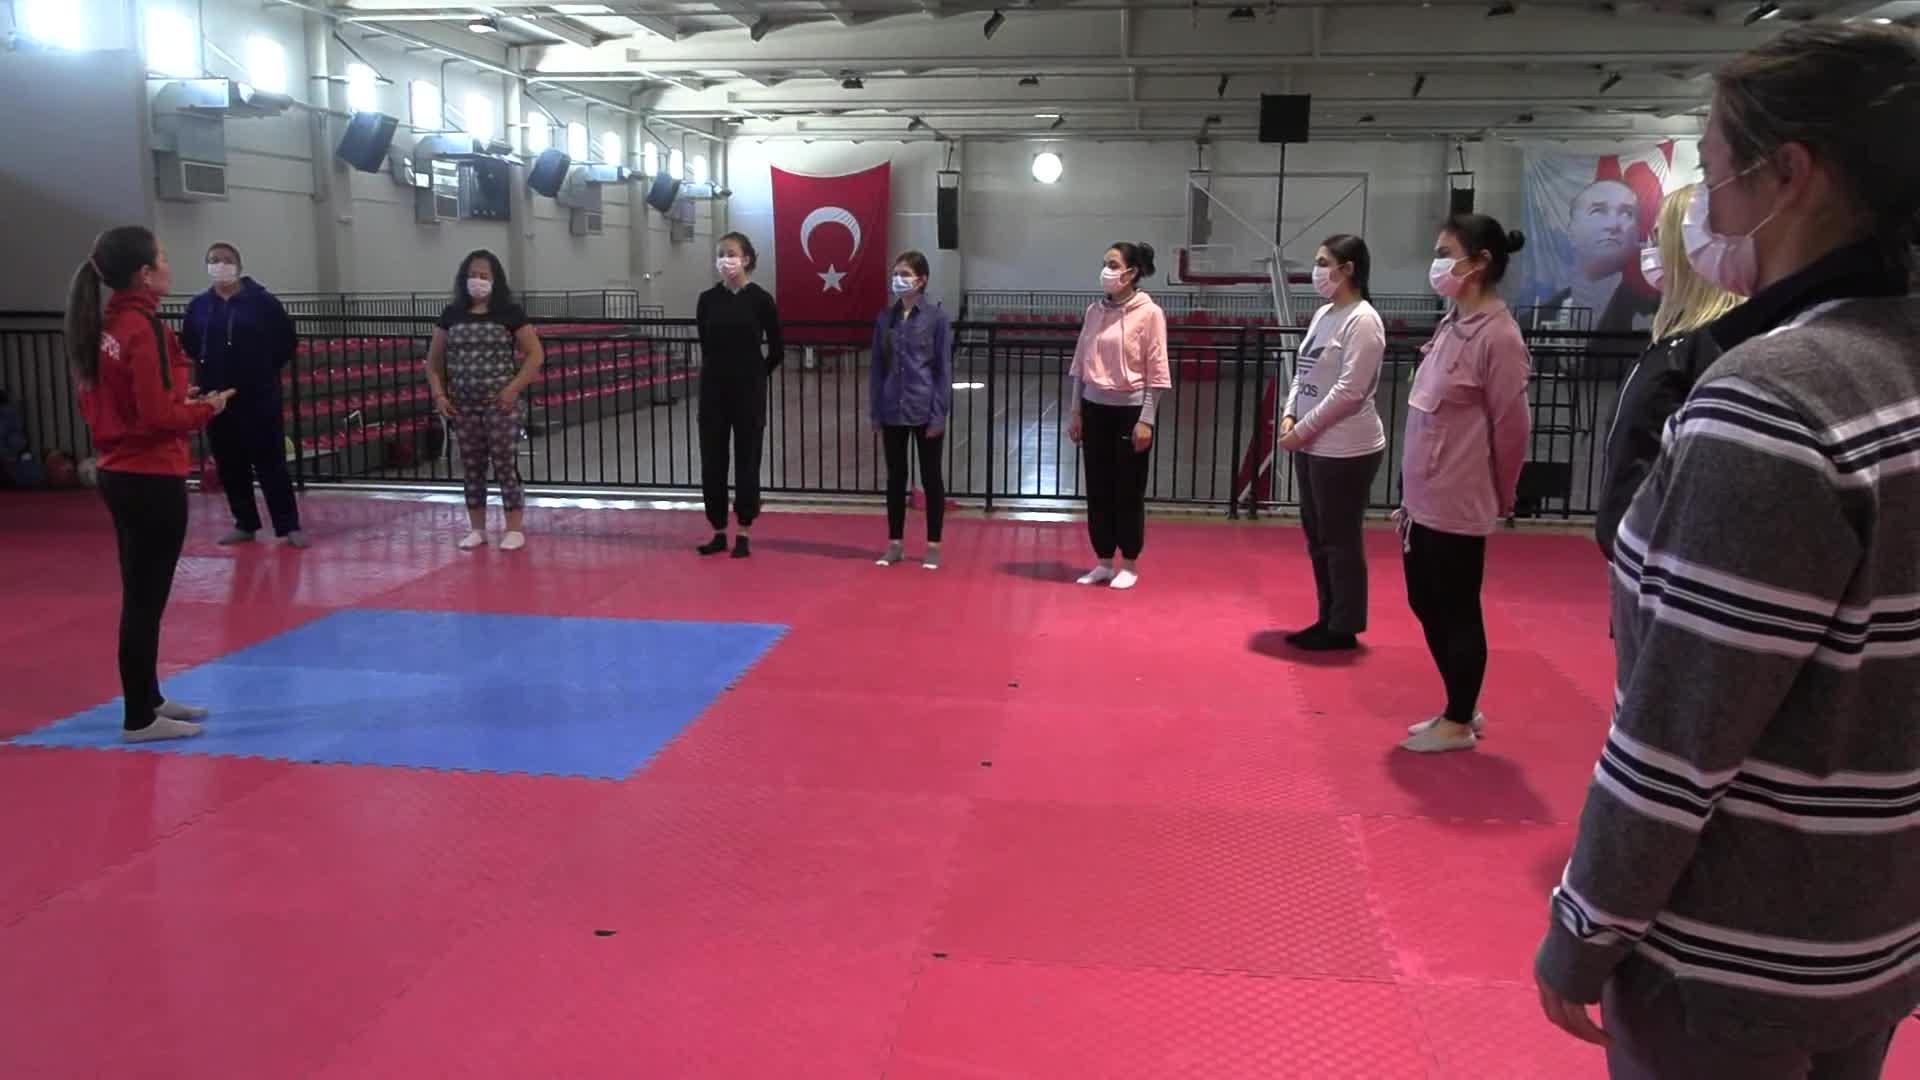 """ÇİĞLİ BELEDİYESİ'NDEN KADINLARA """"ÖZ SAVUNMA"""" EĞİTİMİ"""